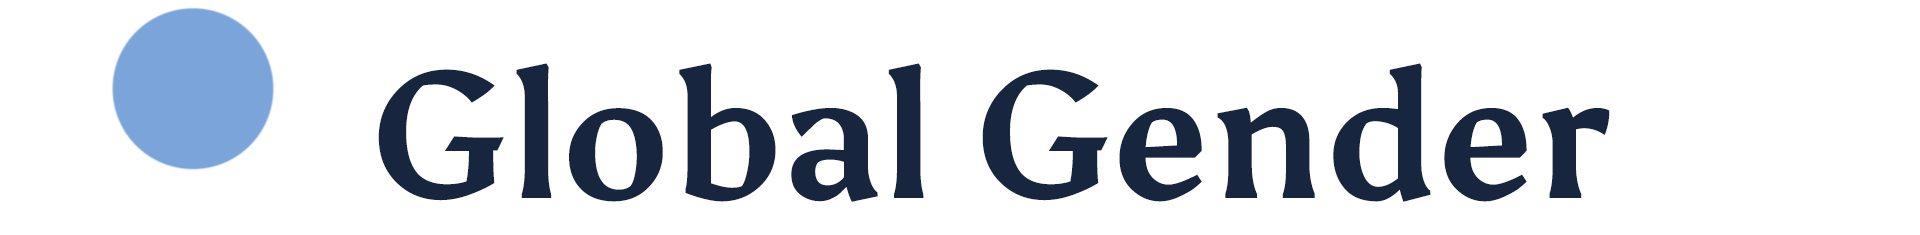 global gender headline